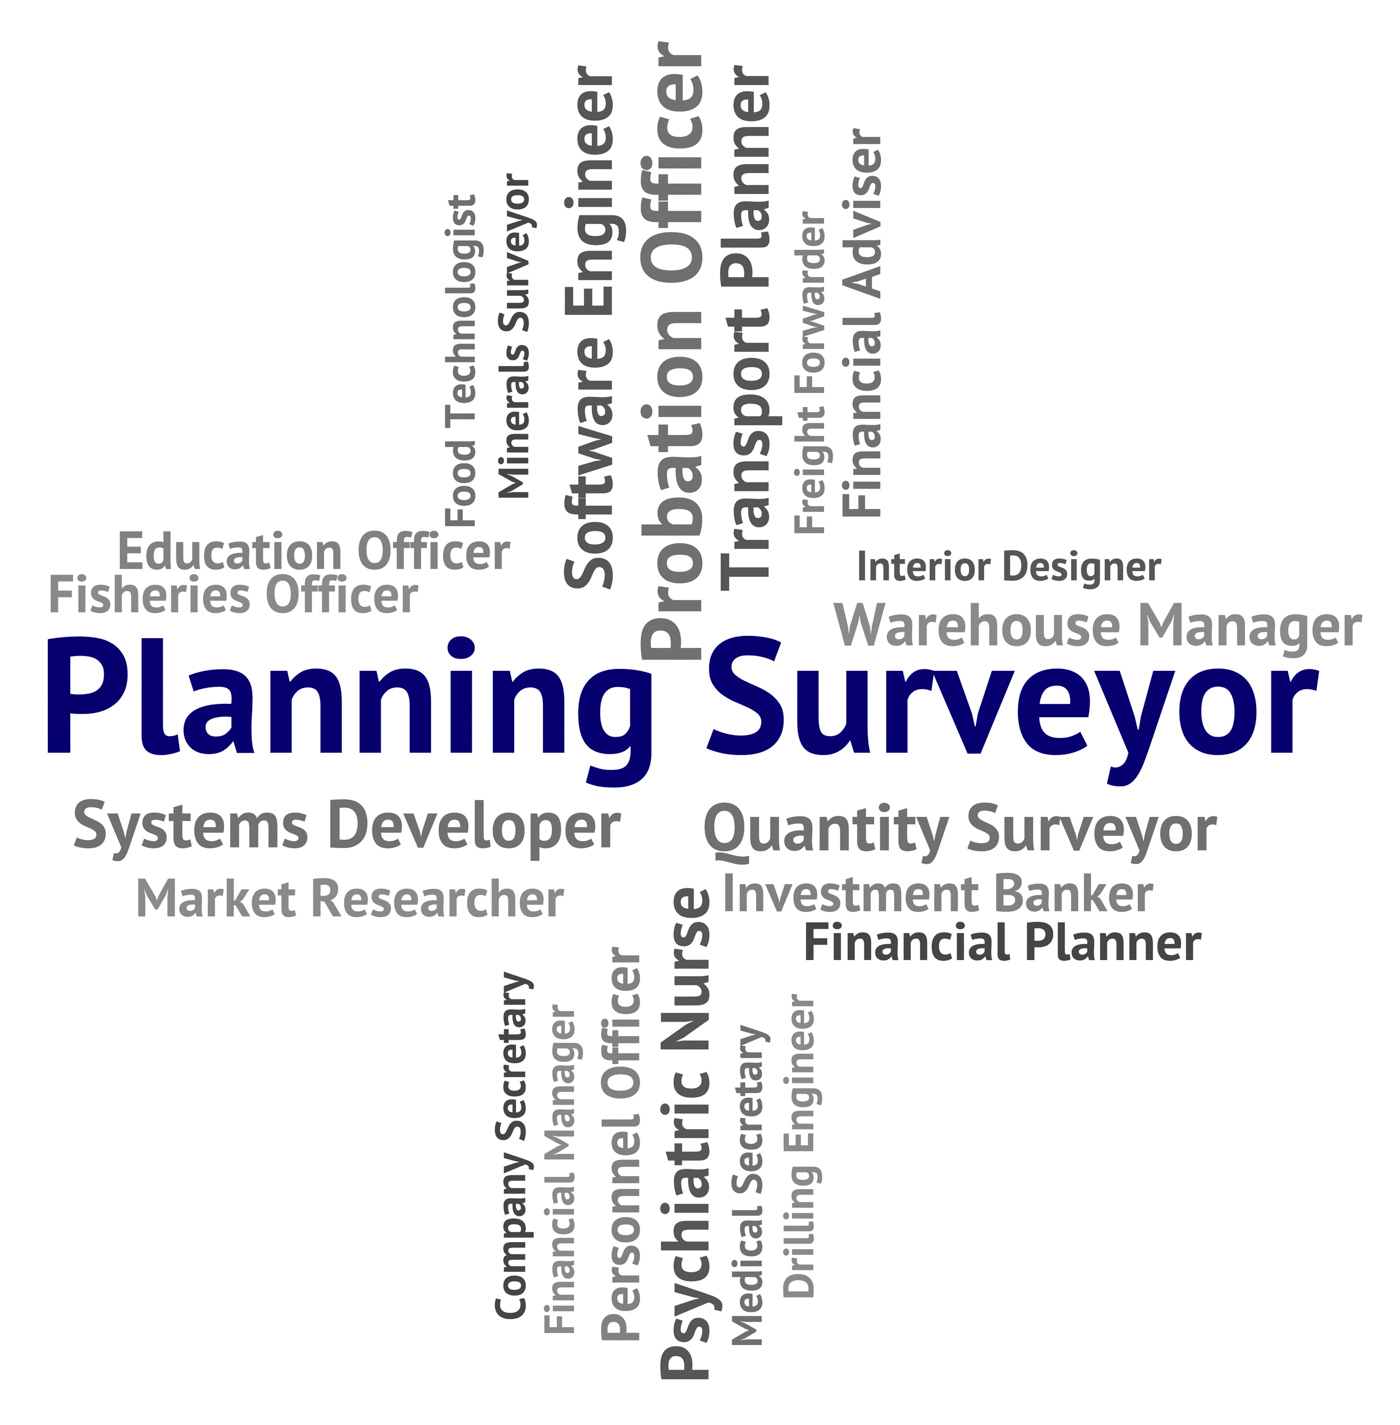 Planning surveyor indicates mission surveying and work photo